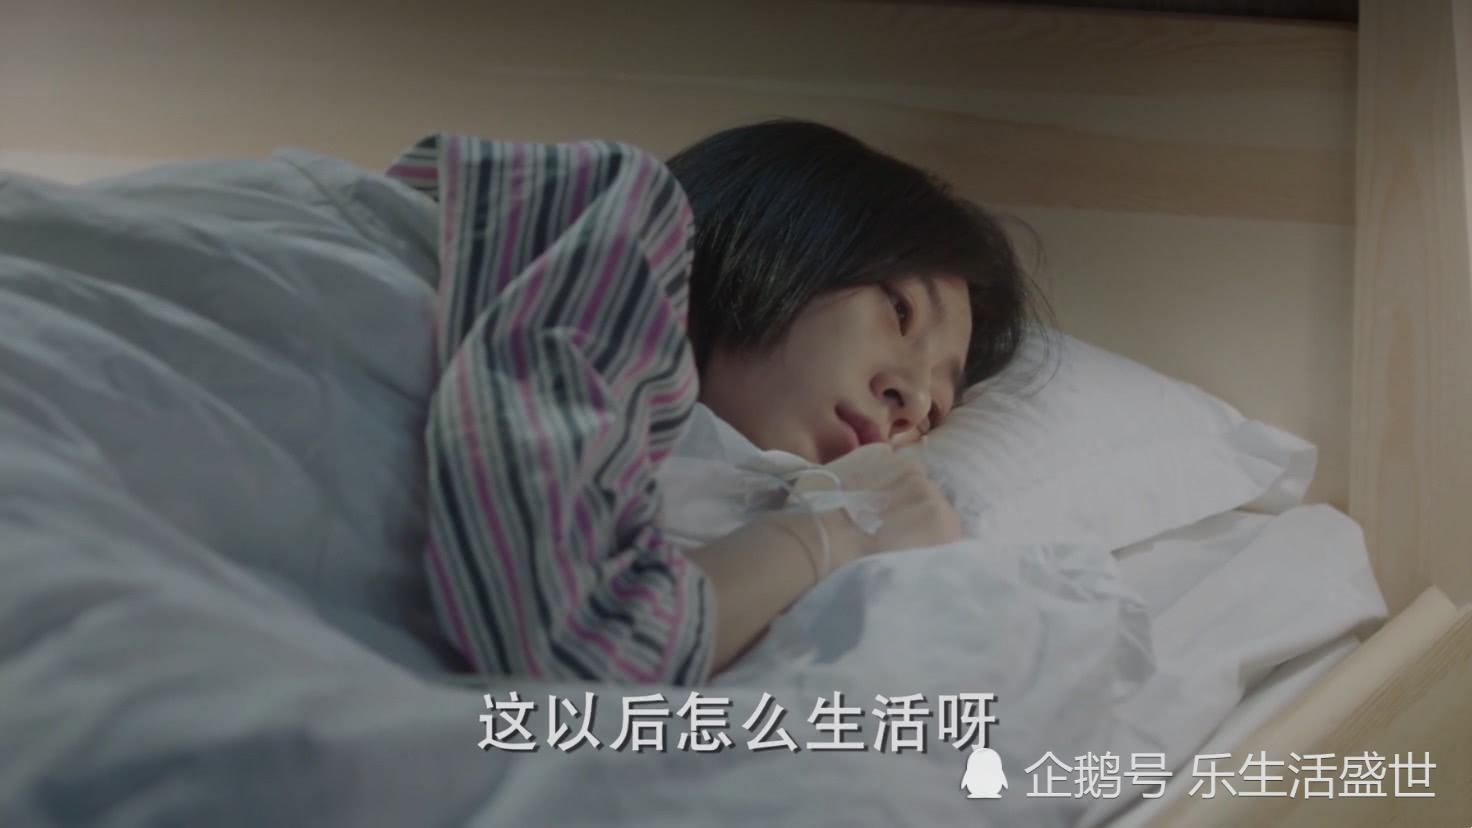 顾森湘出事后情绪不稳定,齐铭安抚她后依旧选择放弃,人言可畏